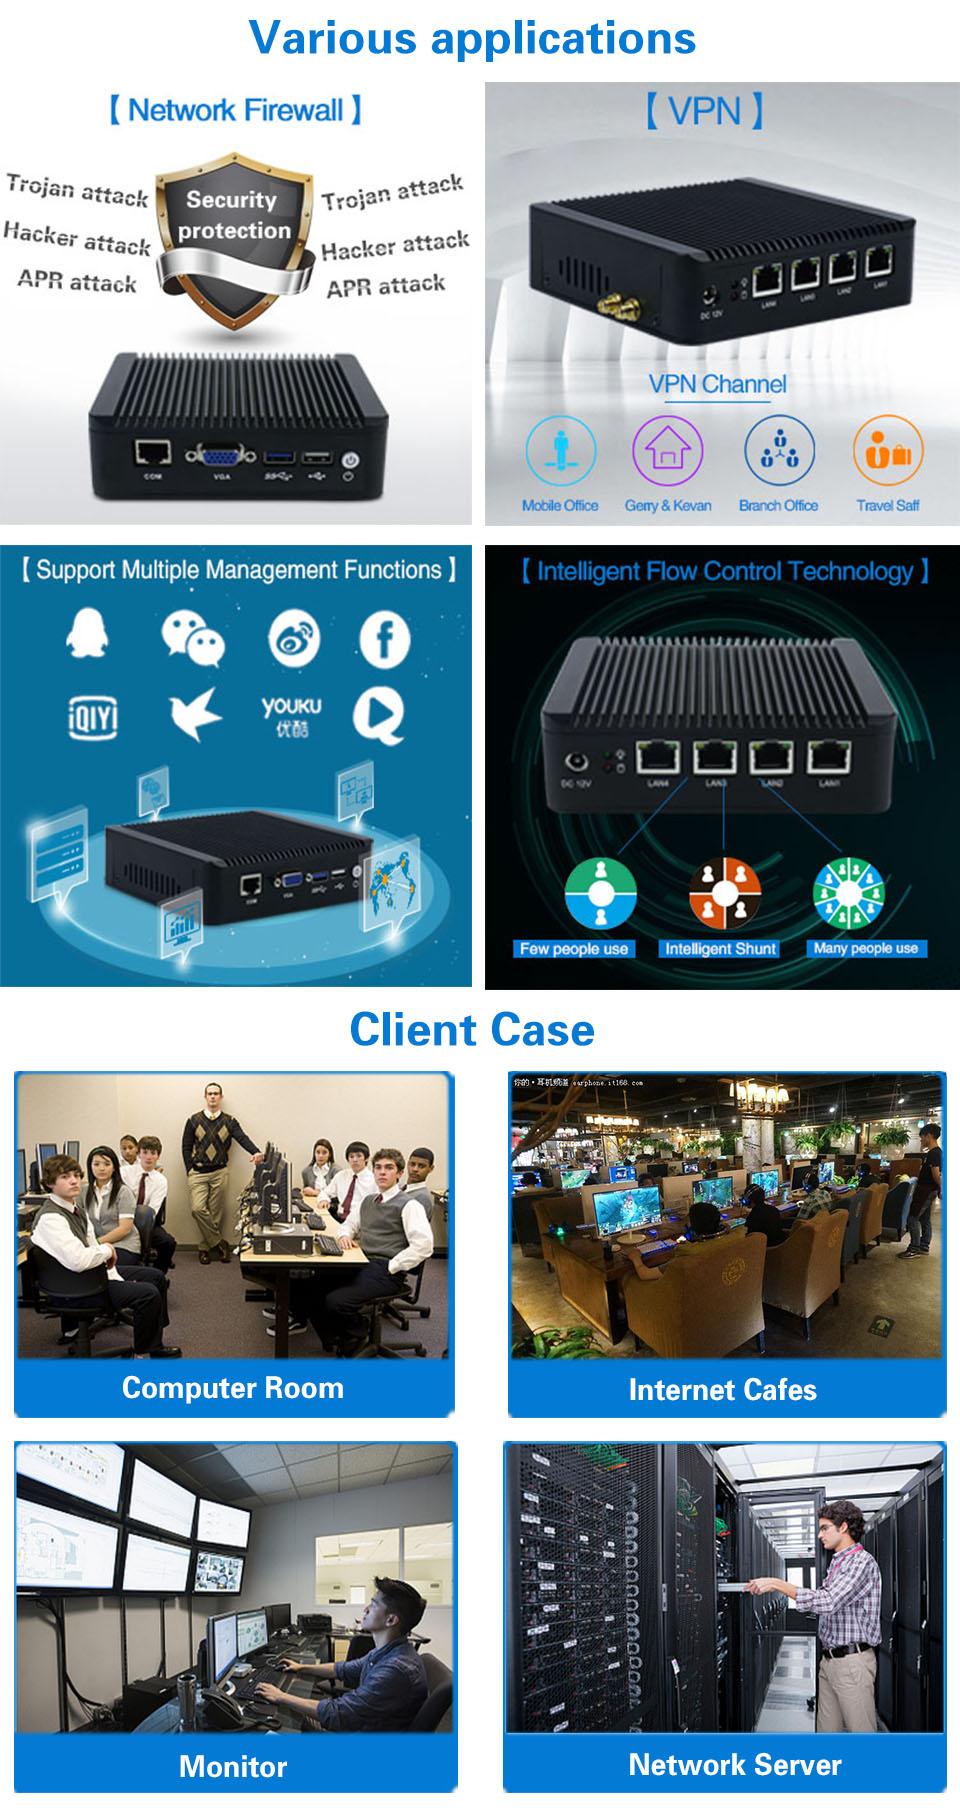 Firewall 10